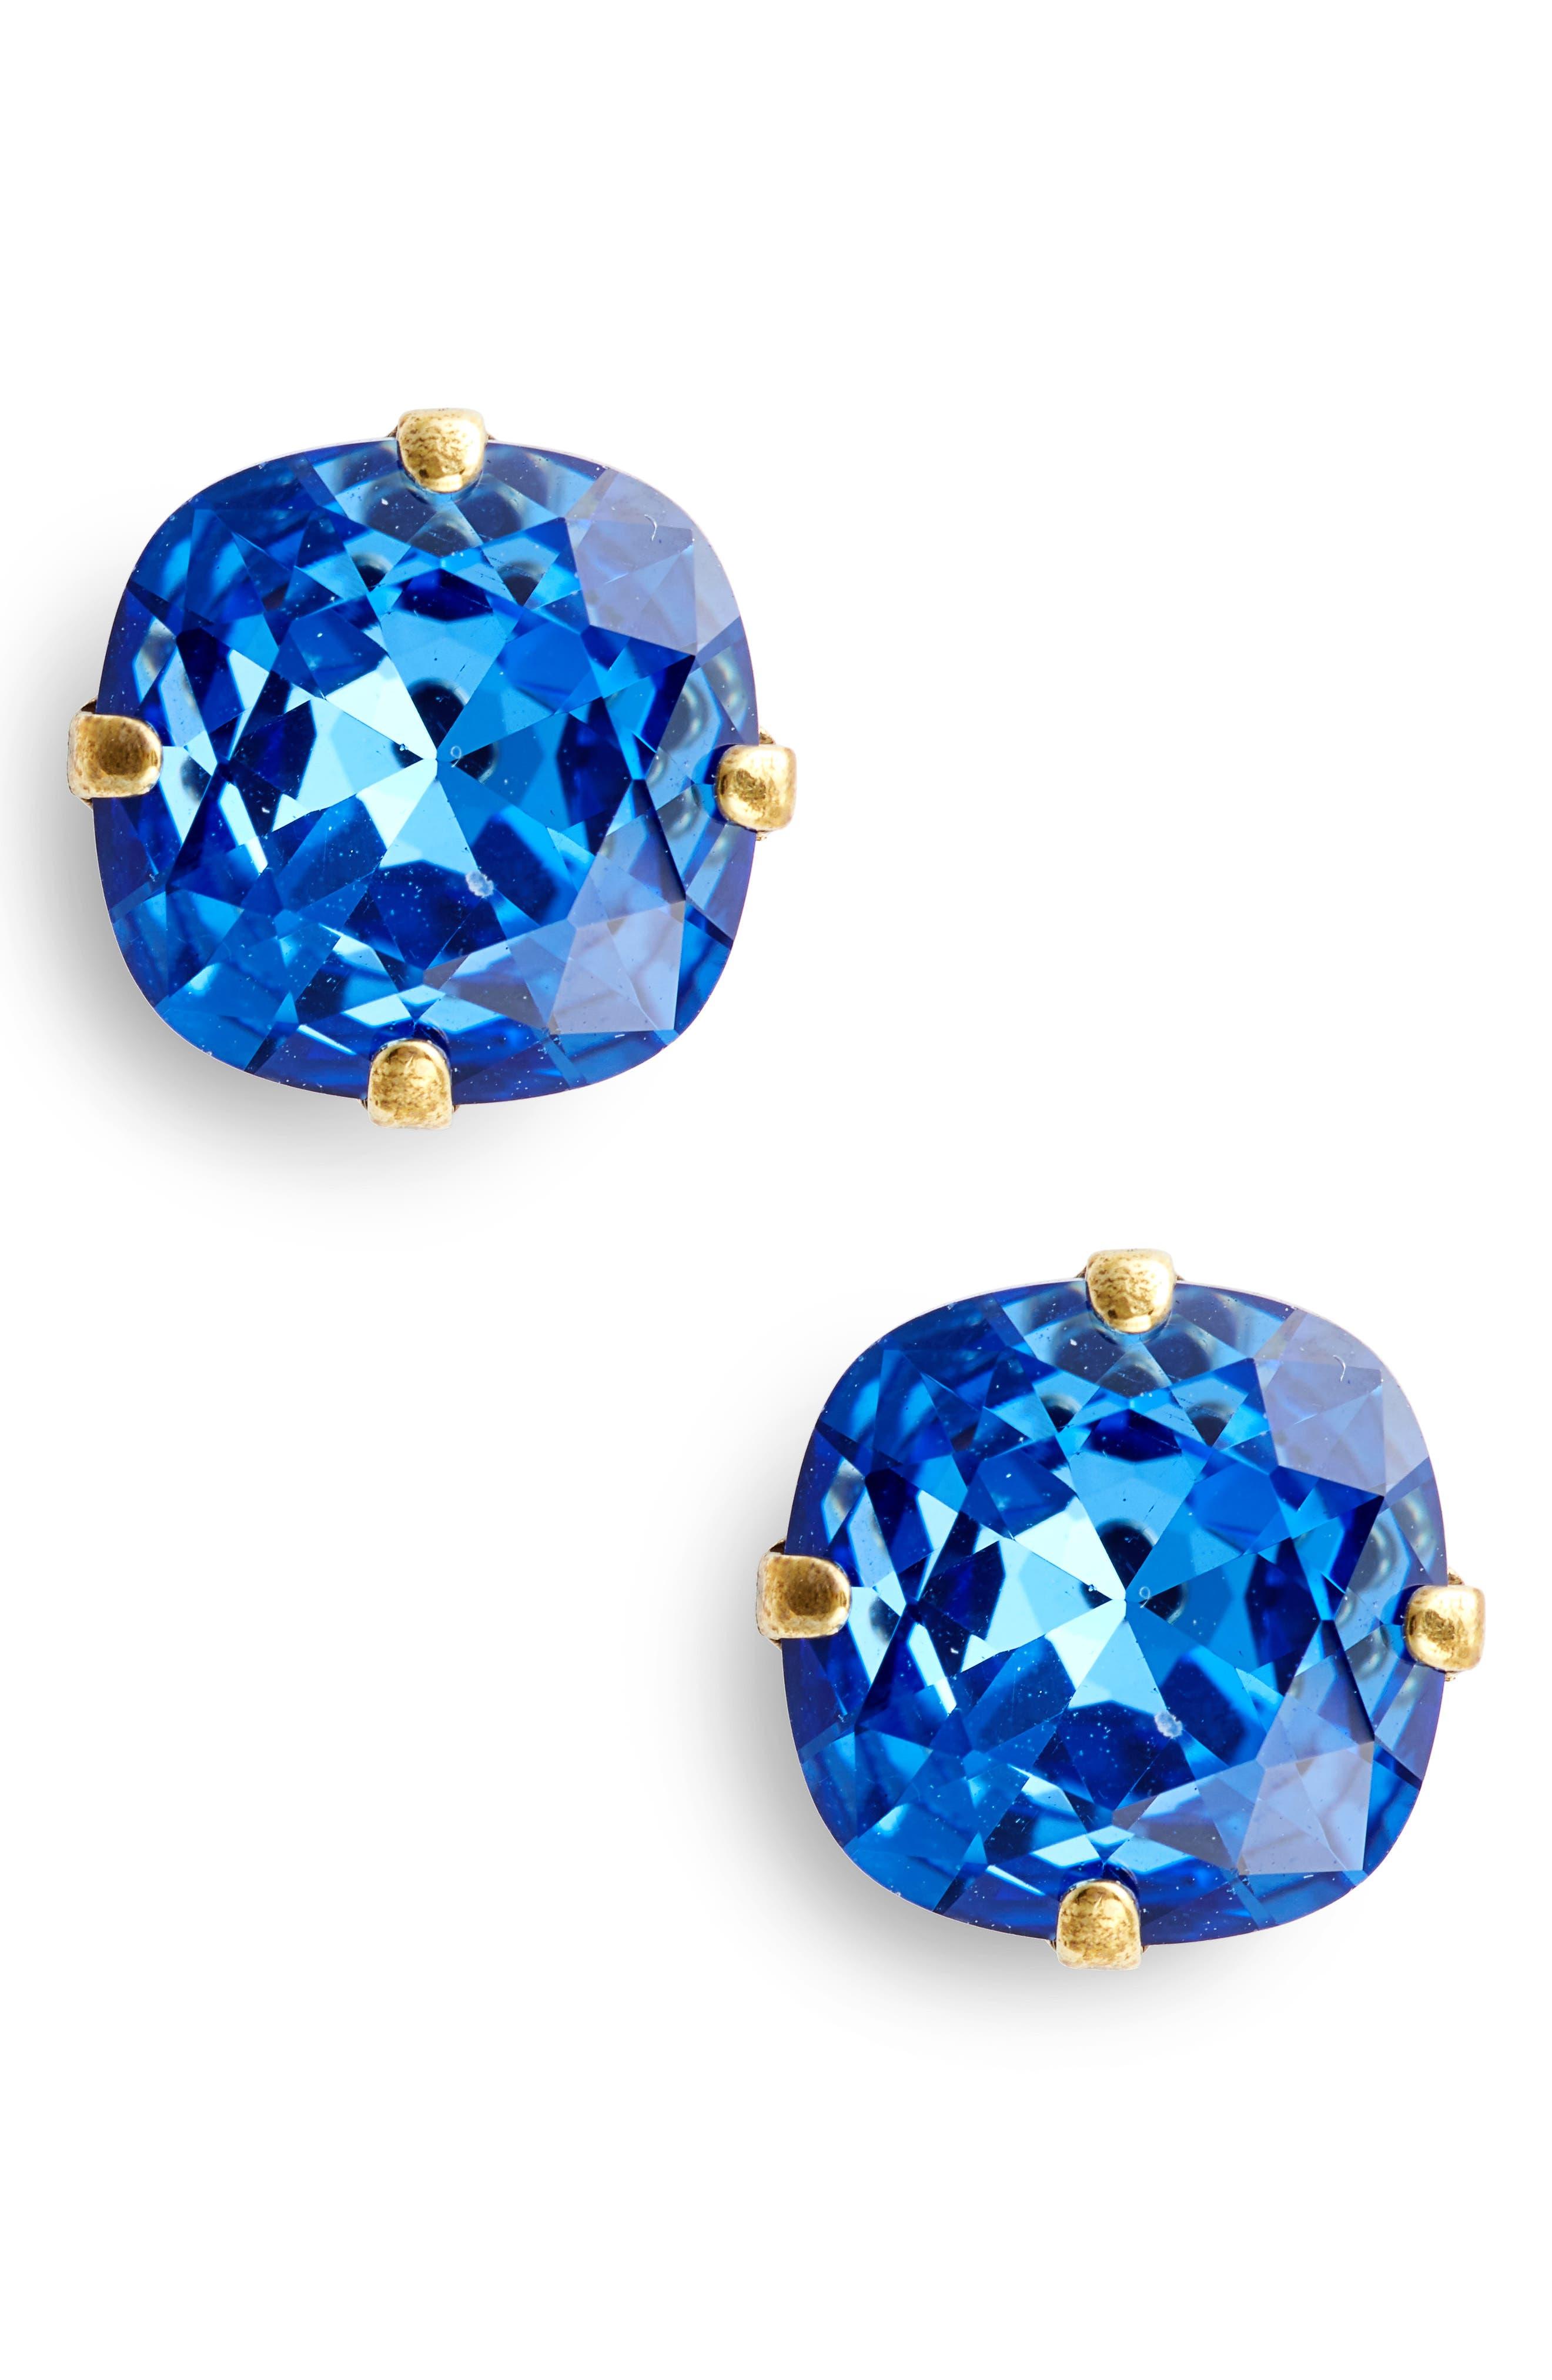 Halcyon Crystal Earrings,                             Main thumbnail 1, color,                             400